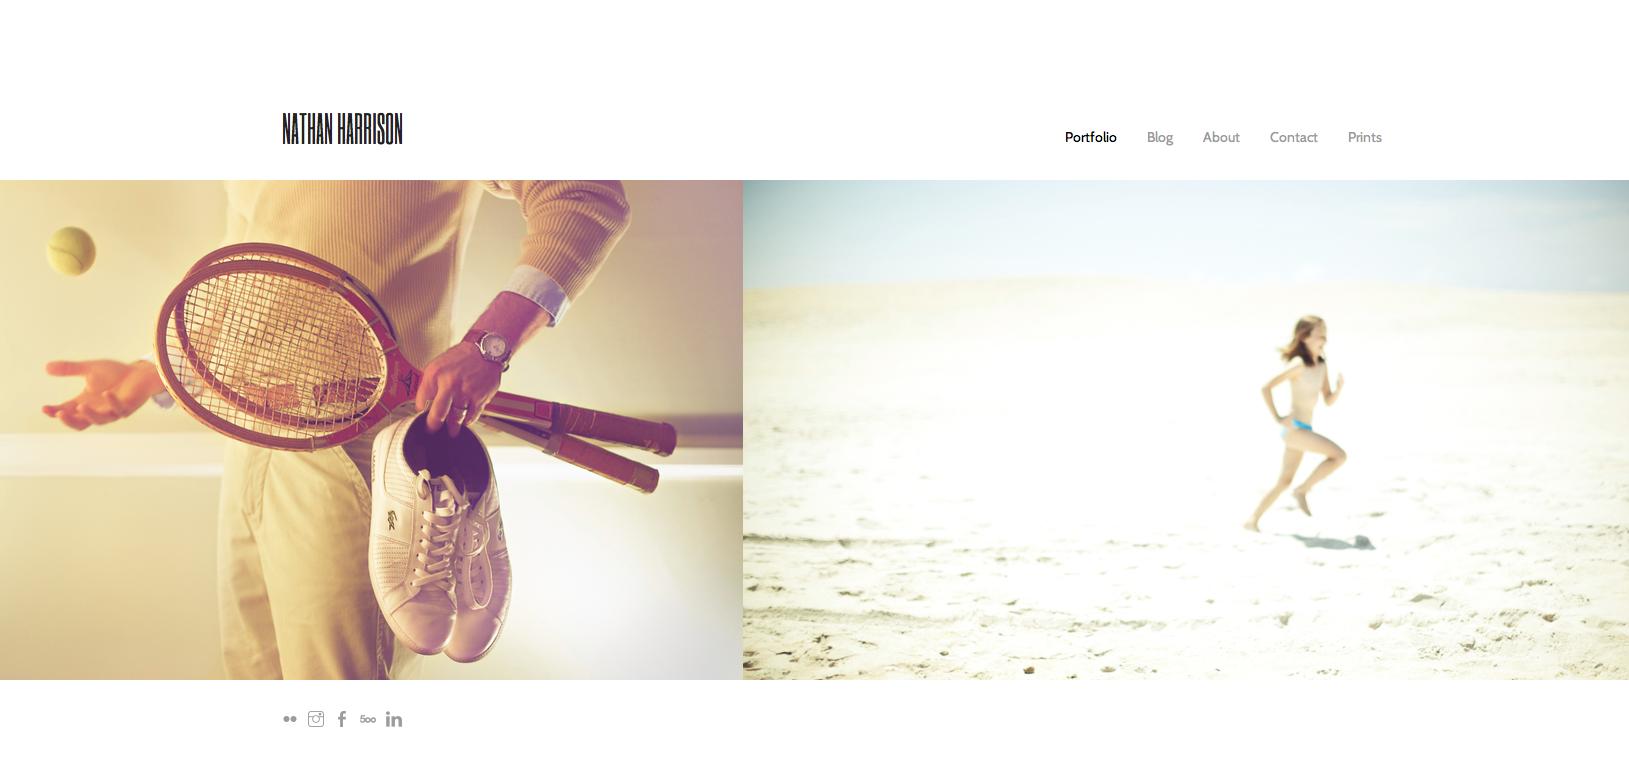 My new website:  www.n-harrison.com